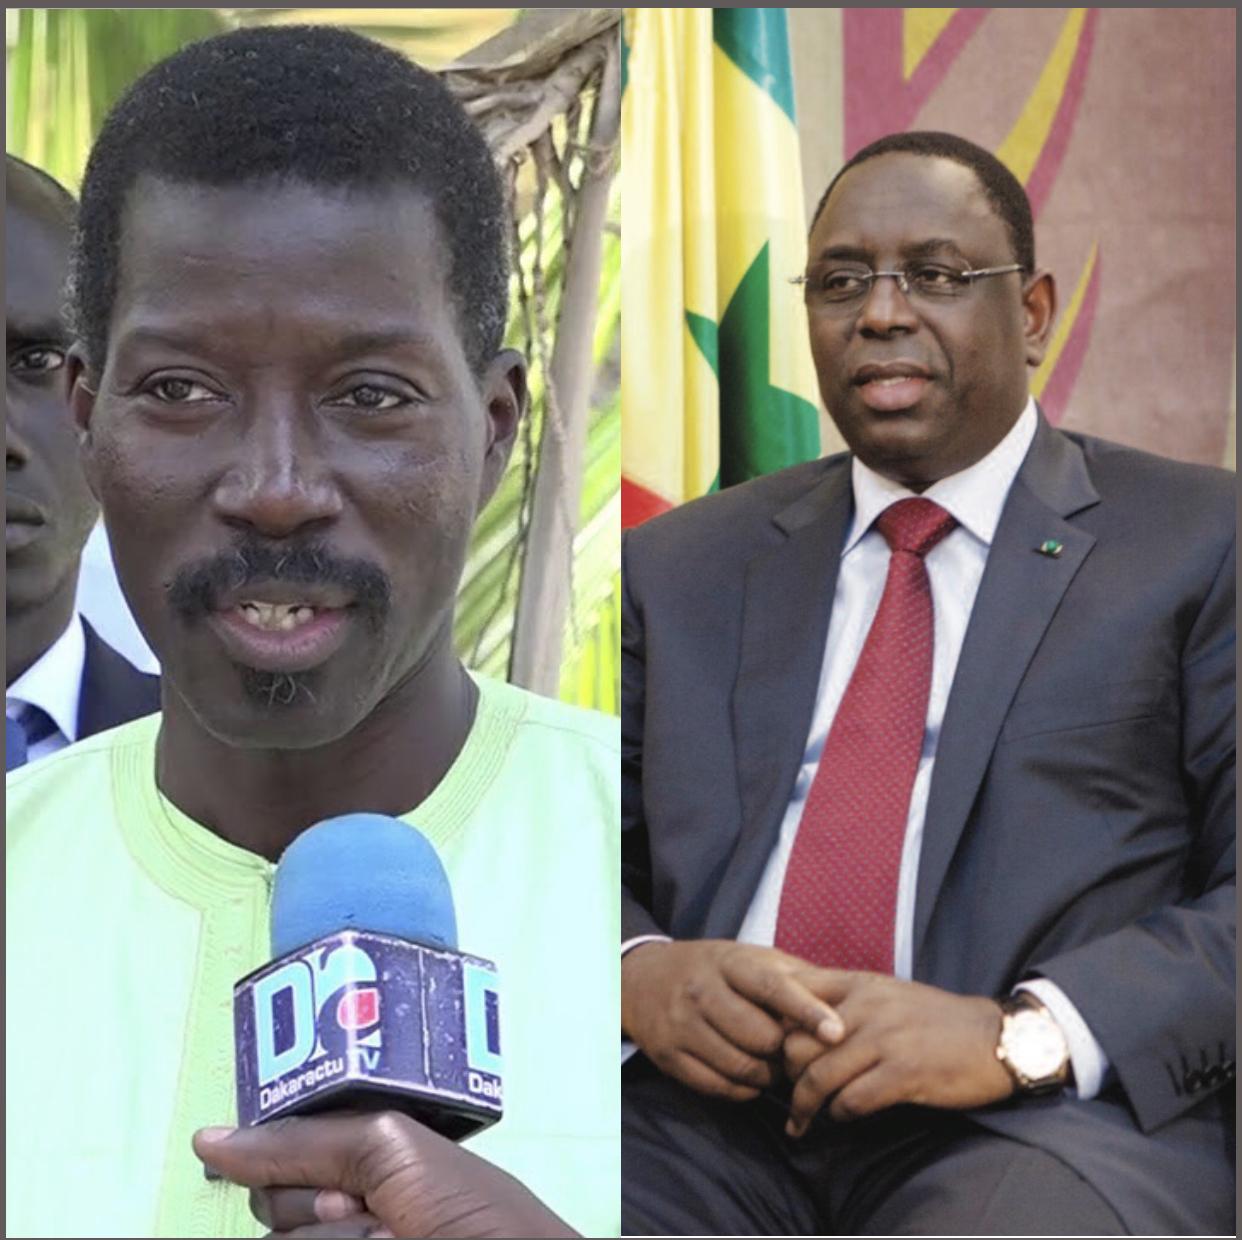 Palais : Talla Sylla nommé conseiller spécial du président de la République Macky Sall